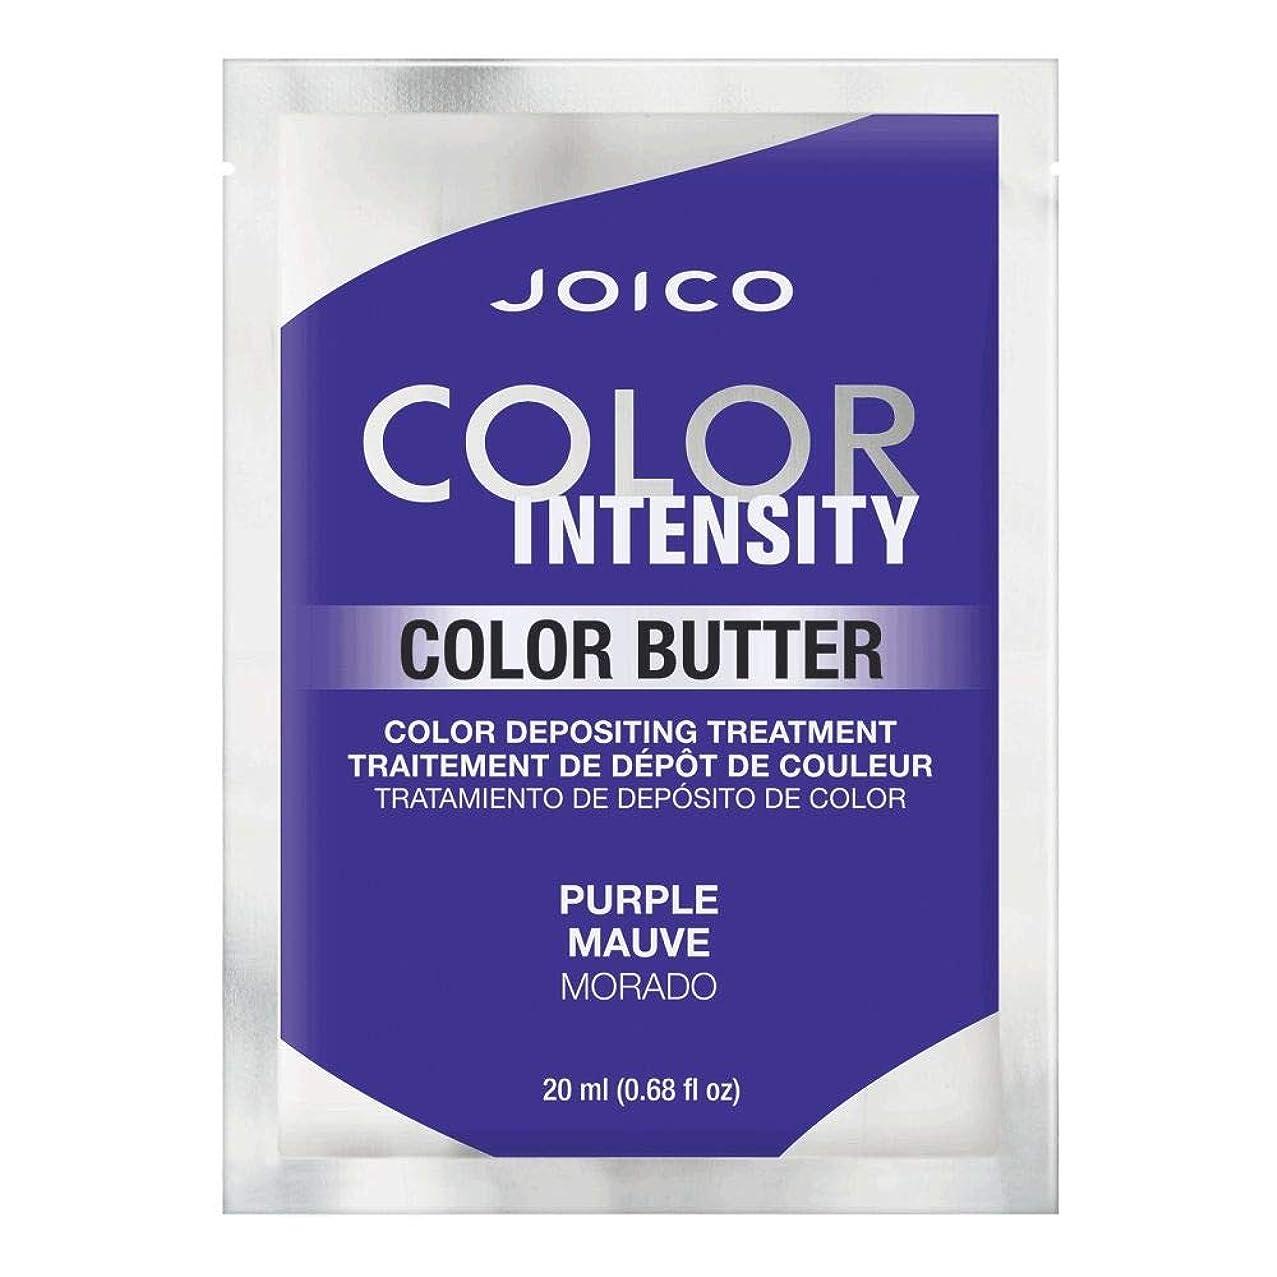 インポートトラップ救援Joico 色強度色バター - PURPLE 0.68オンス 紫の